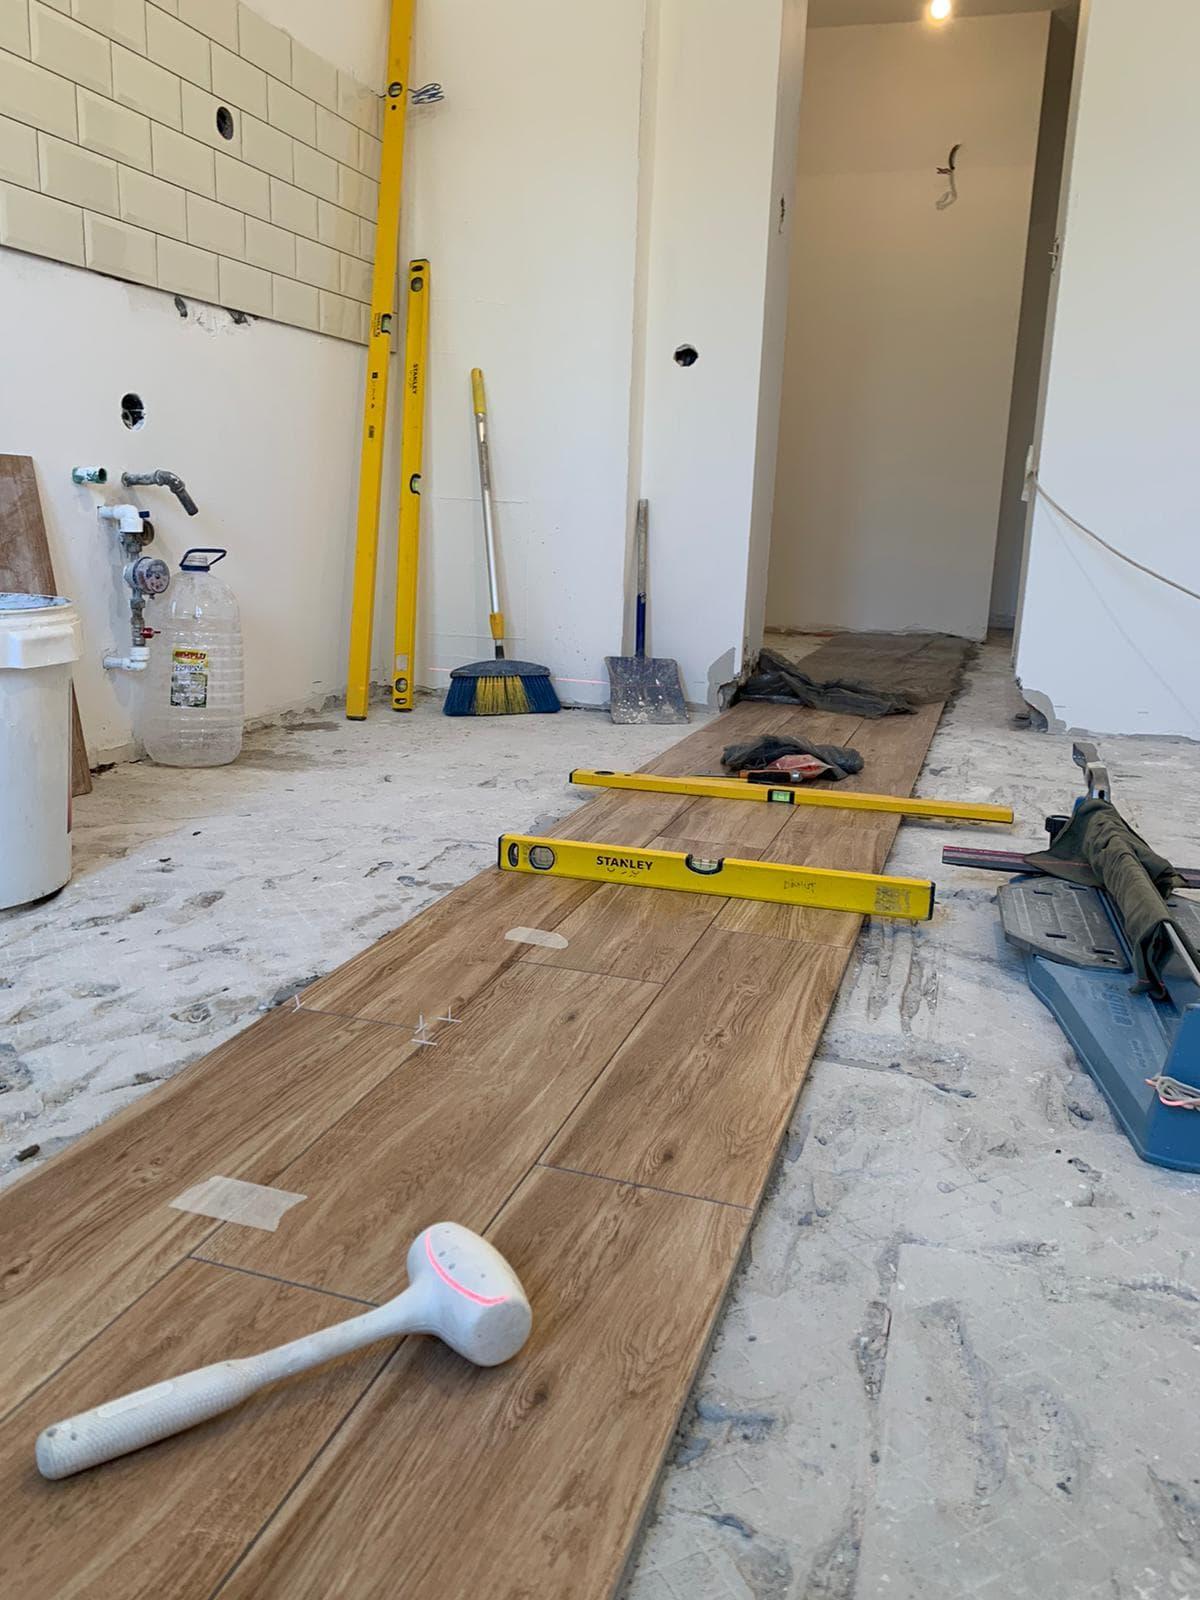 Firma de amenajari interioare sa aleg pentru renovarea apartamentului